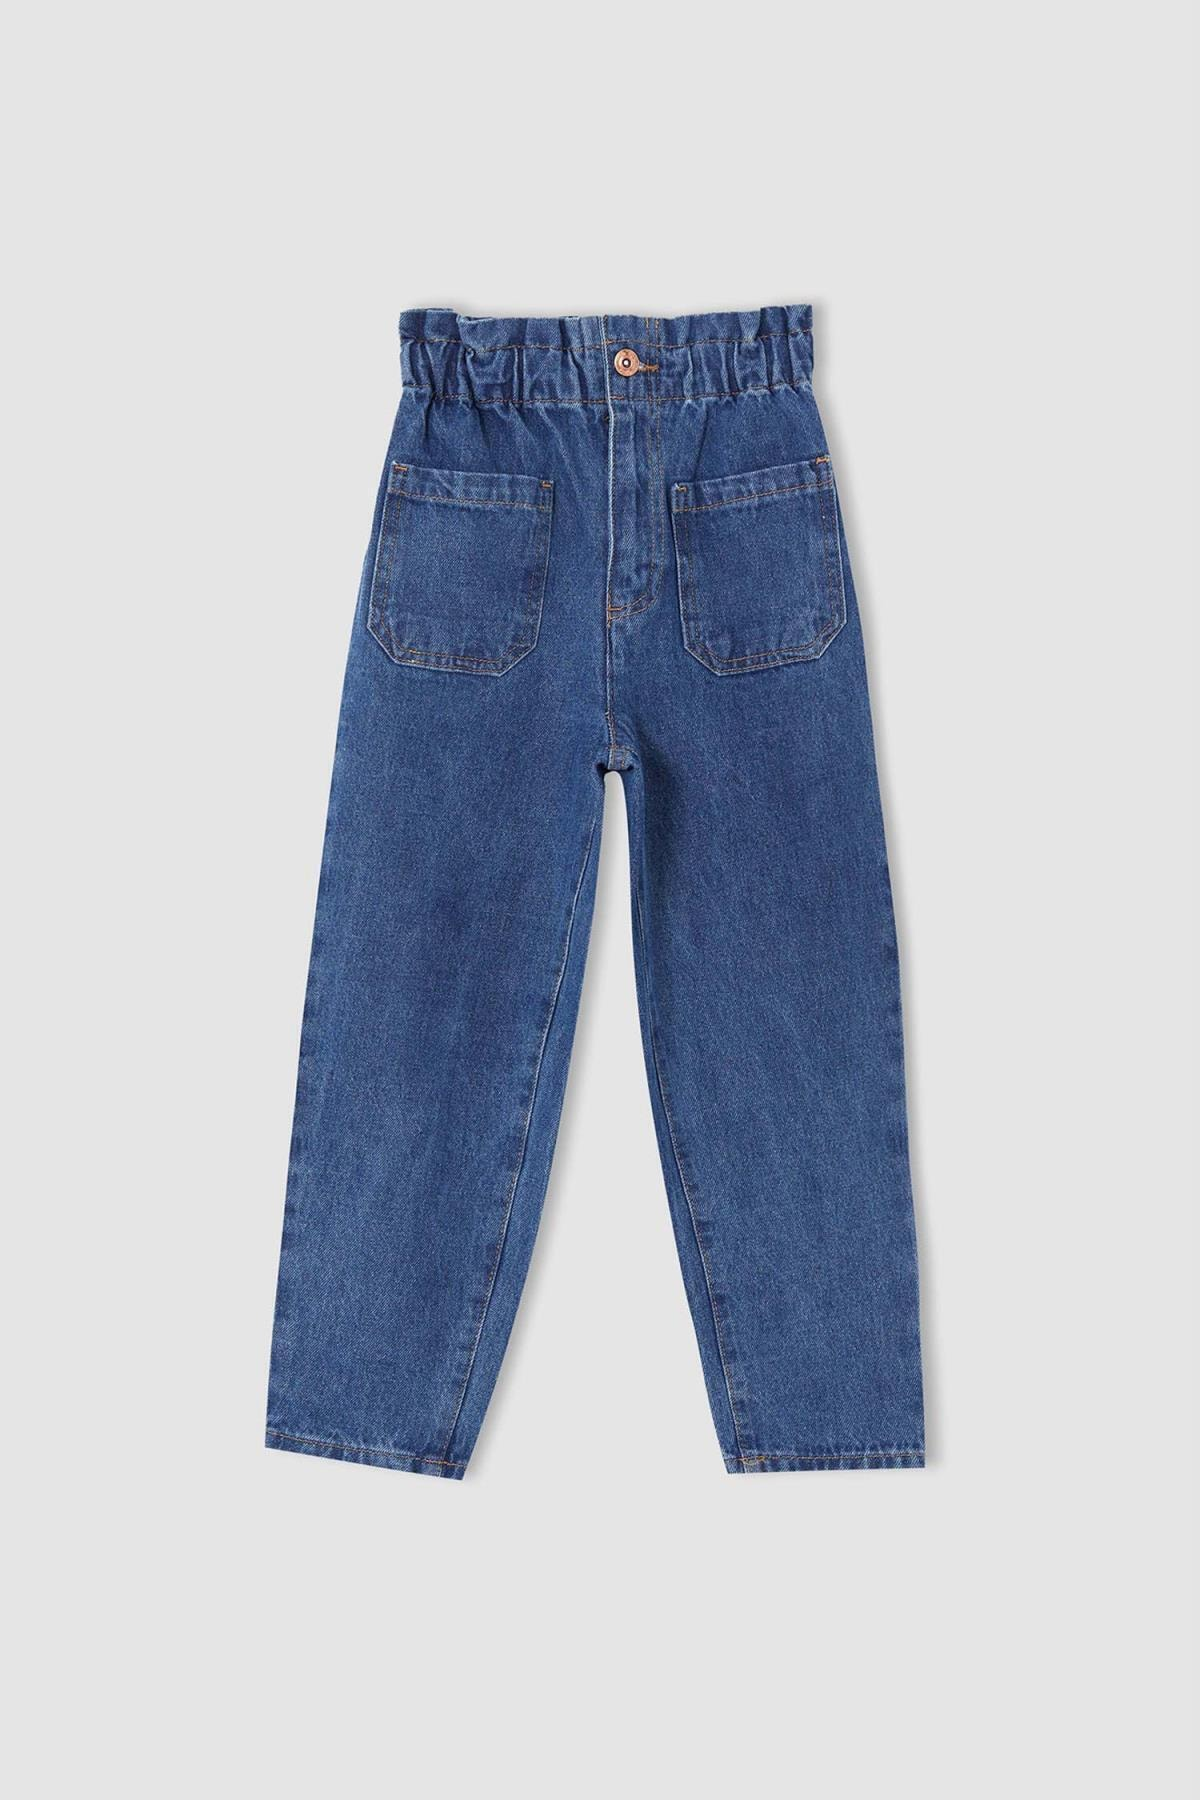 Defacto Kız Çocuk Mavi Slouchy Fit Paperbag Bel Fit Jean Pantolon